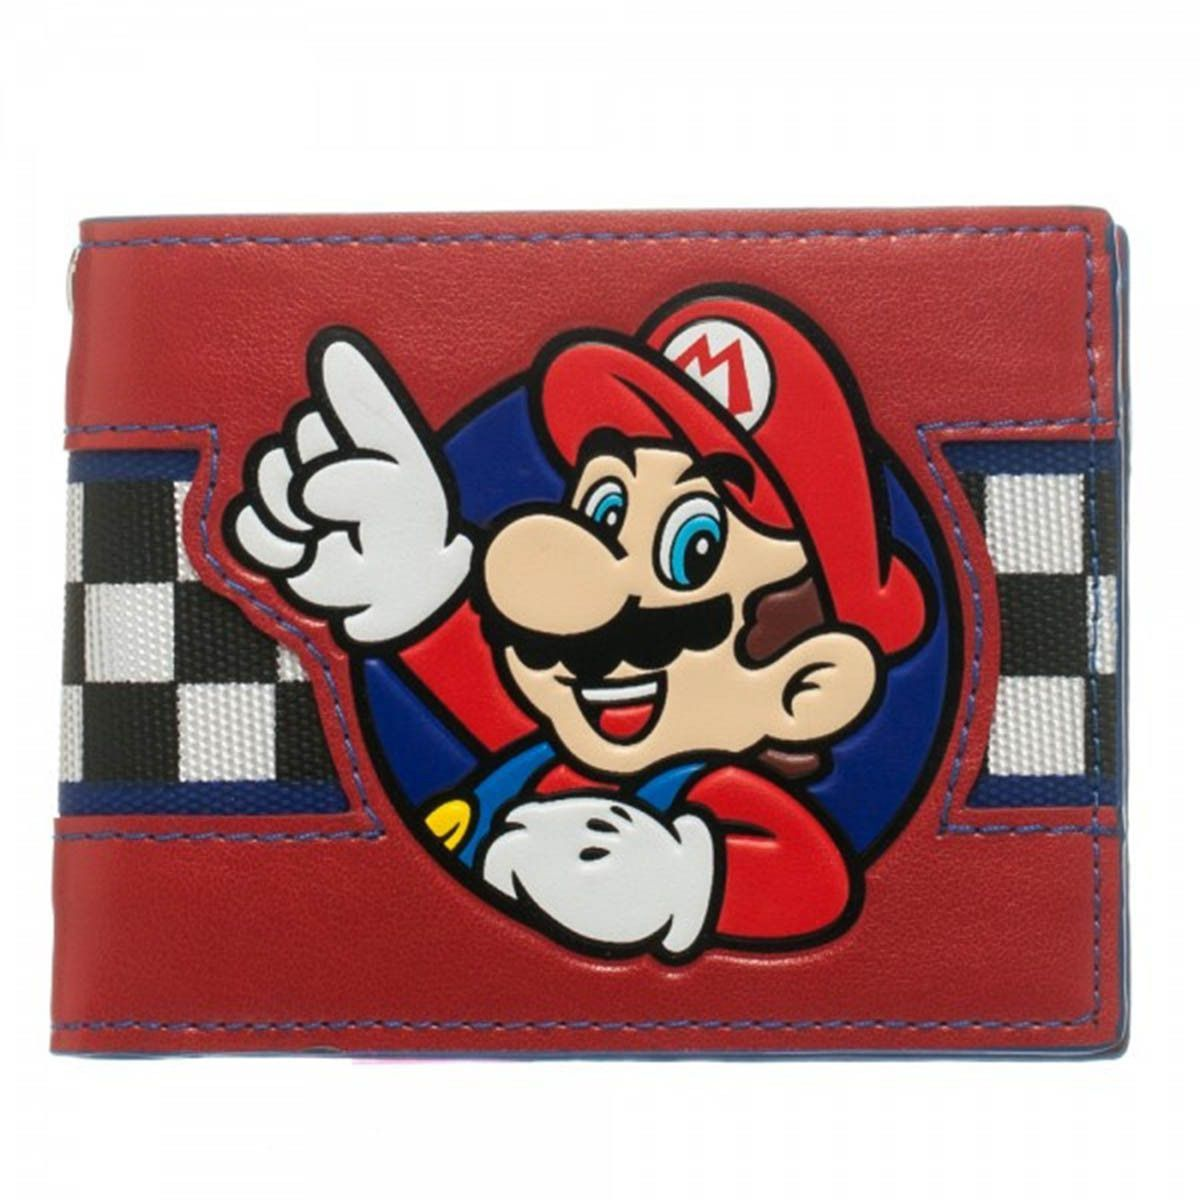 Nintendo Mario Checker Bi-Fold Wallet